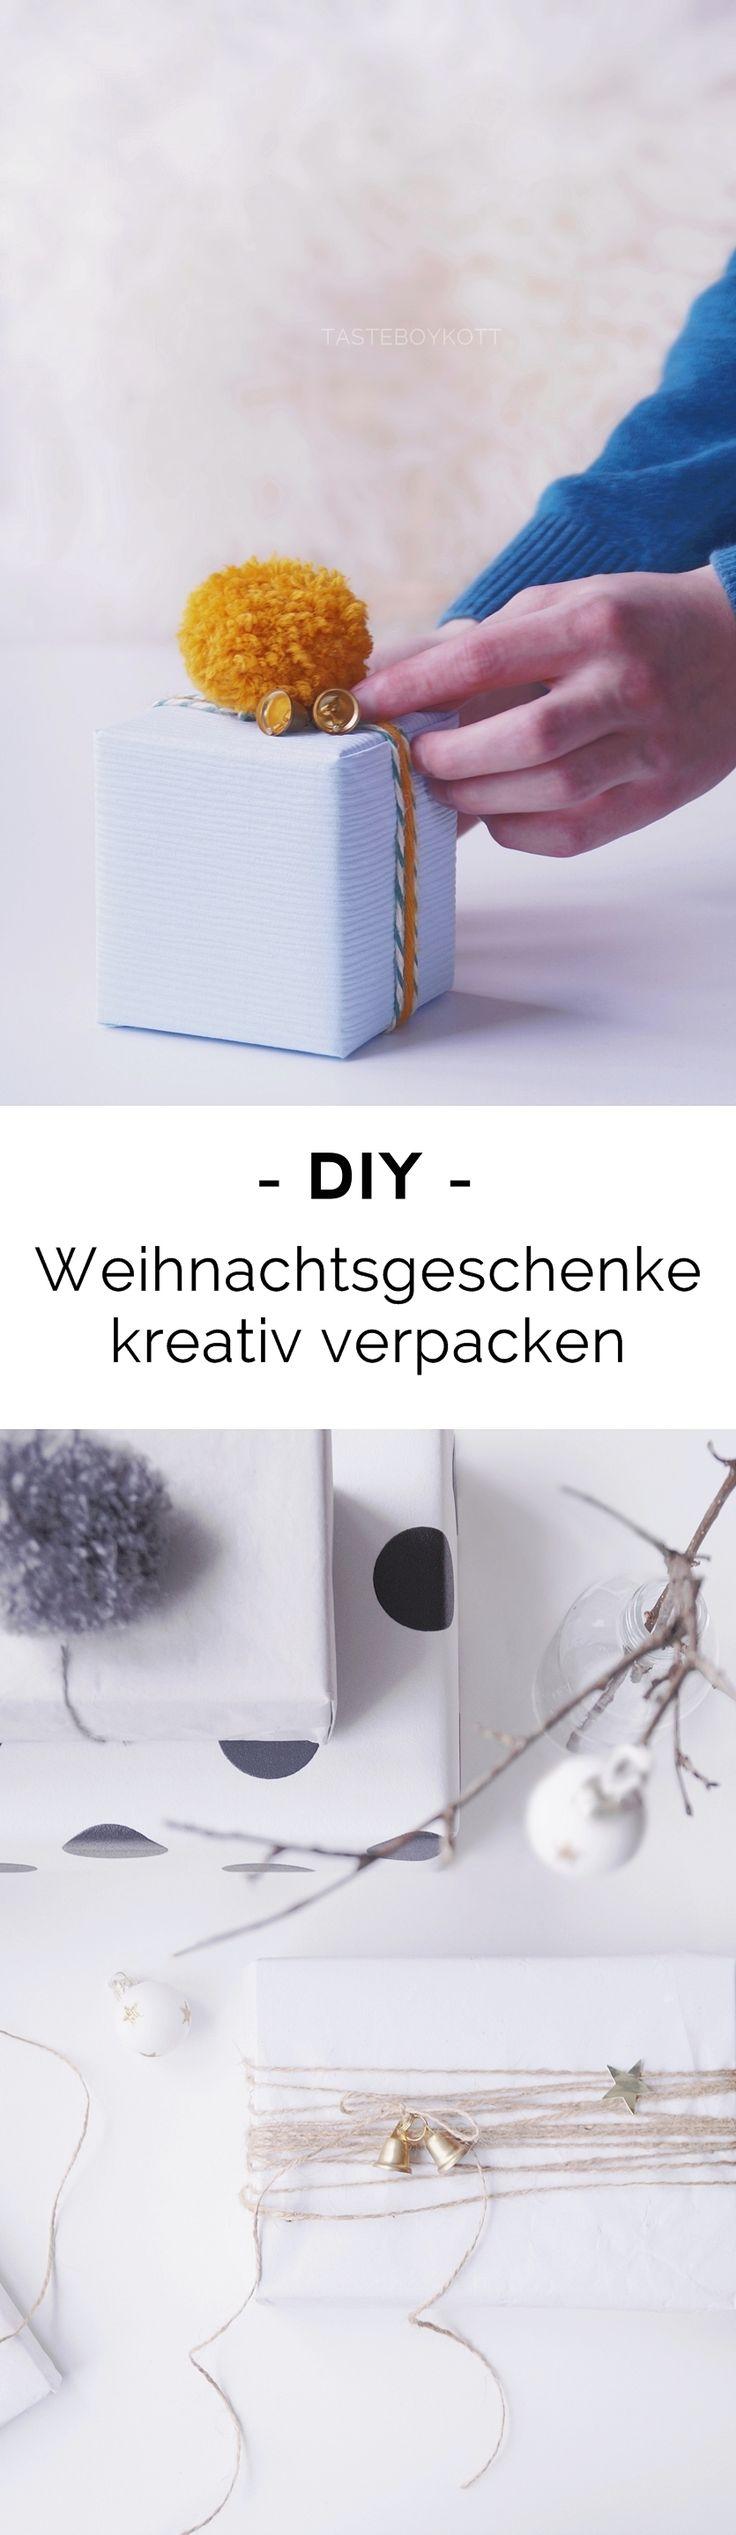 die besten 25 graue tapete ideen auf pinterest flur ideen silberne tapete und schlafzimmer. Black Bedroom Furniture Sets. Home Design Ideas